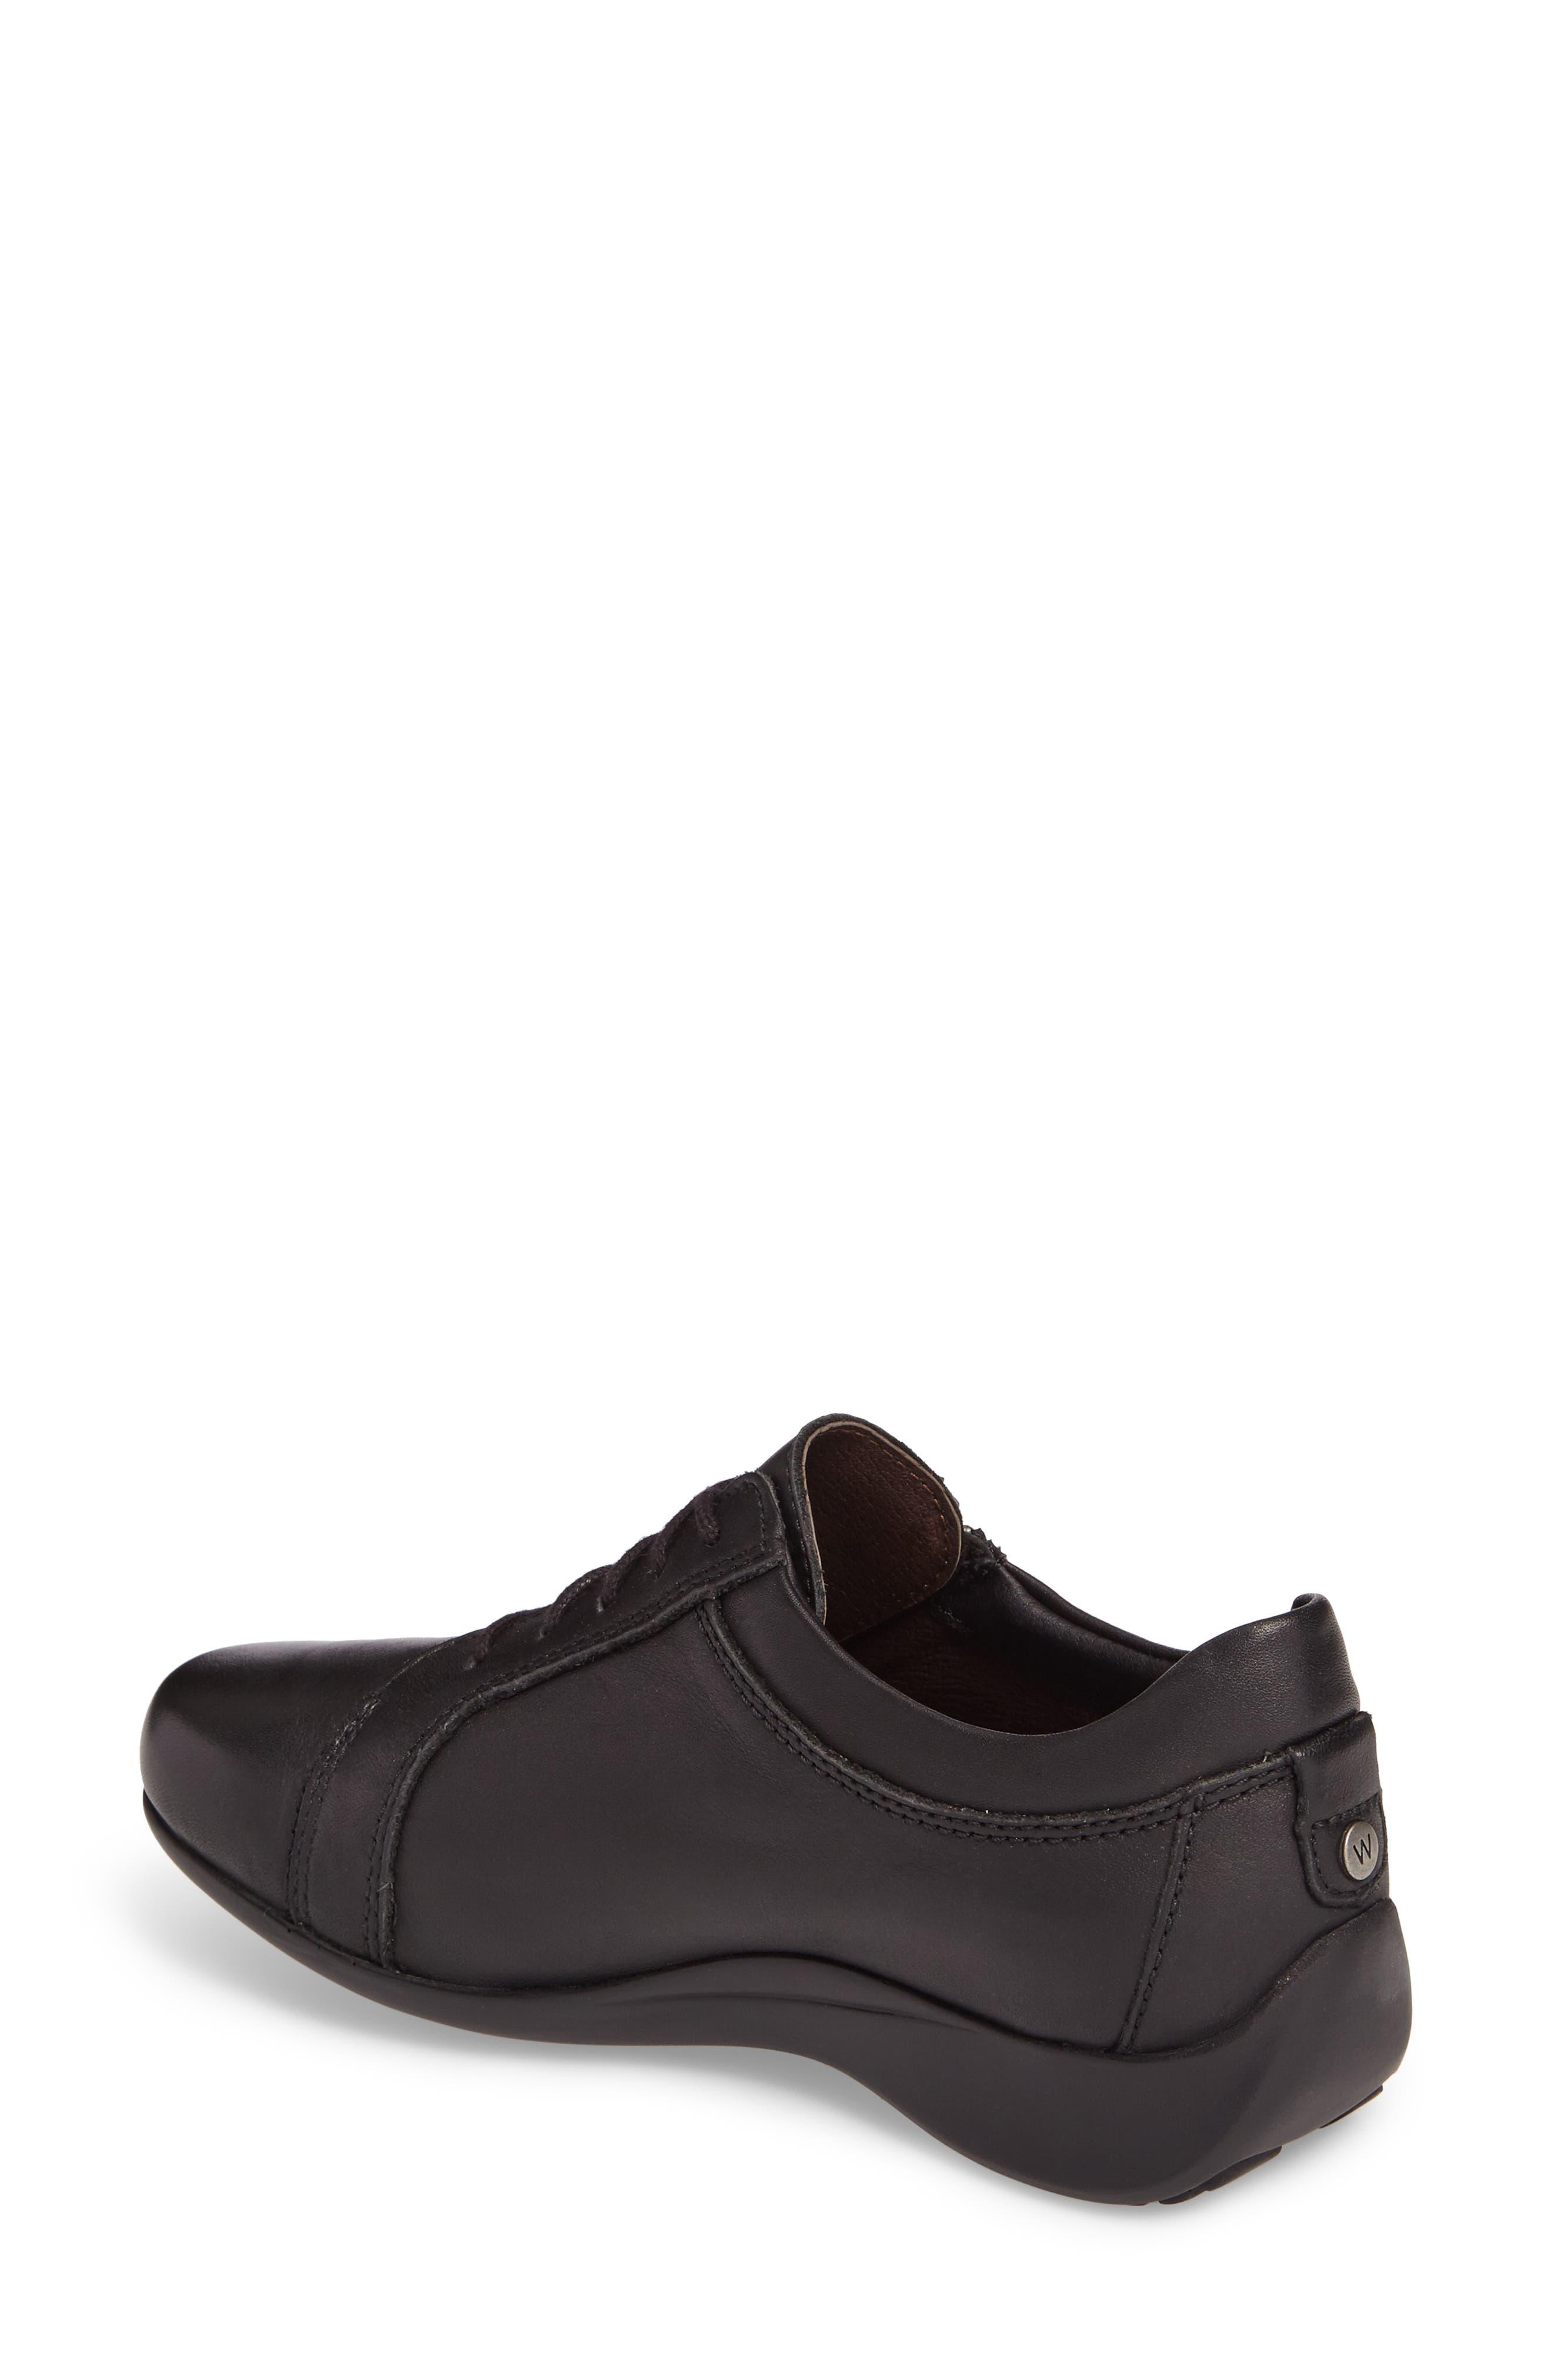 Bonnie Sneaker,                             Alternate thumbnail 2, color,                             Black Leather